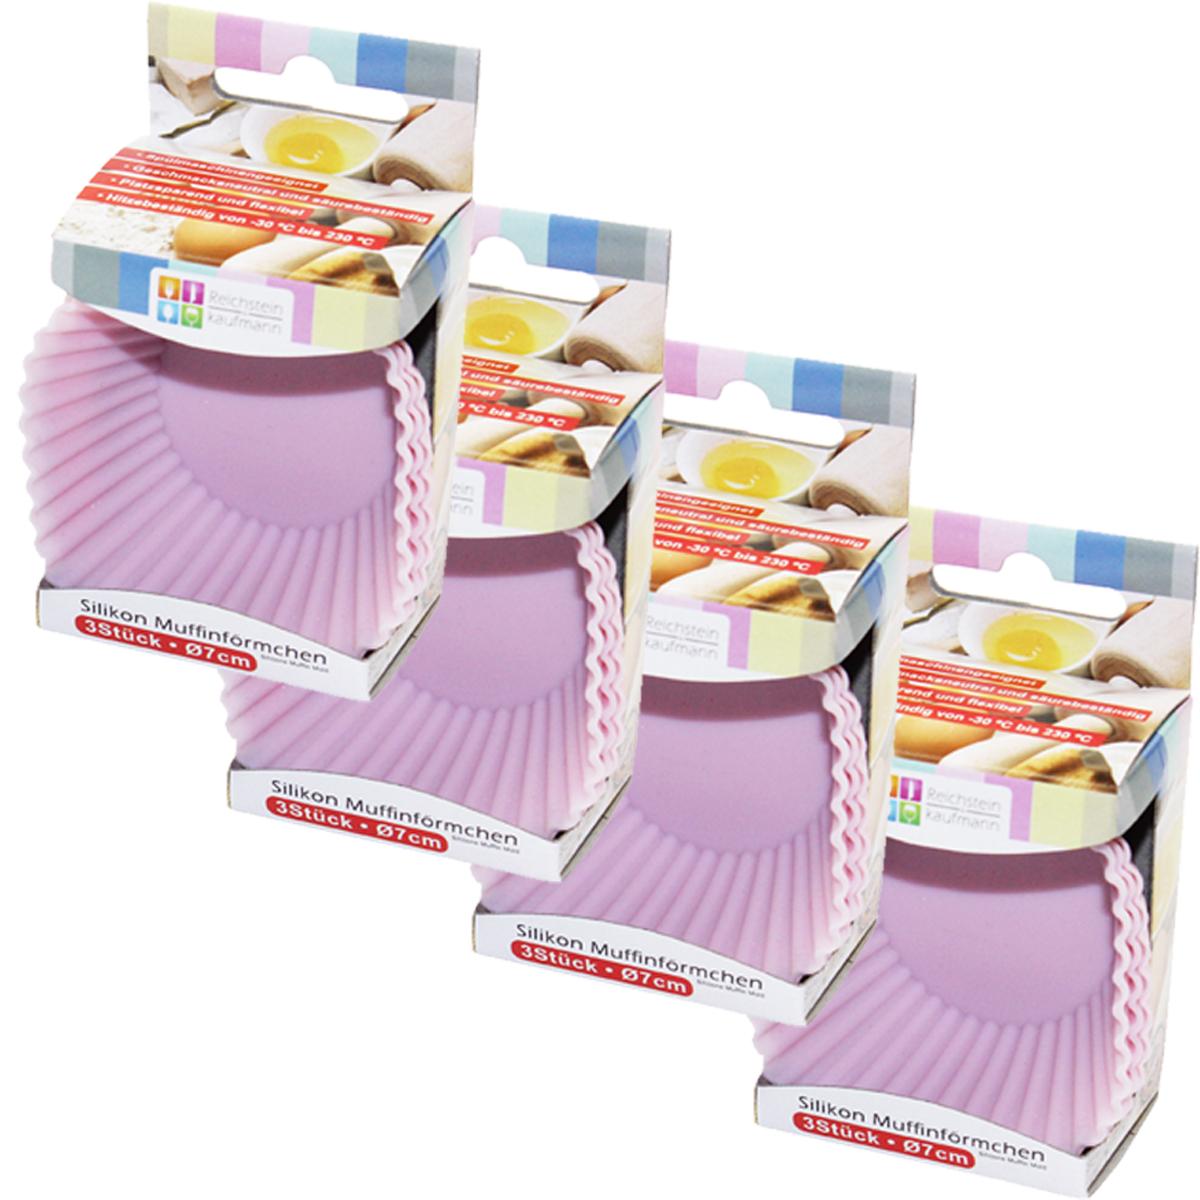 12er set backform muffin f rmchen silkon rosa blau 7cm k che backen geburtstag k che und. Black Bedroom Furniture Sets. Home Design Ideas